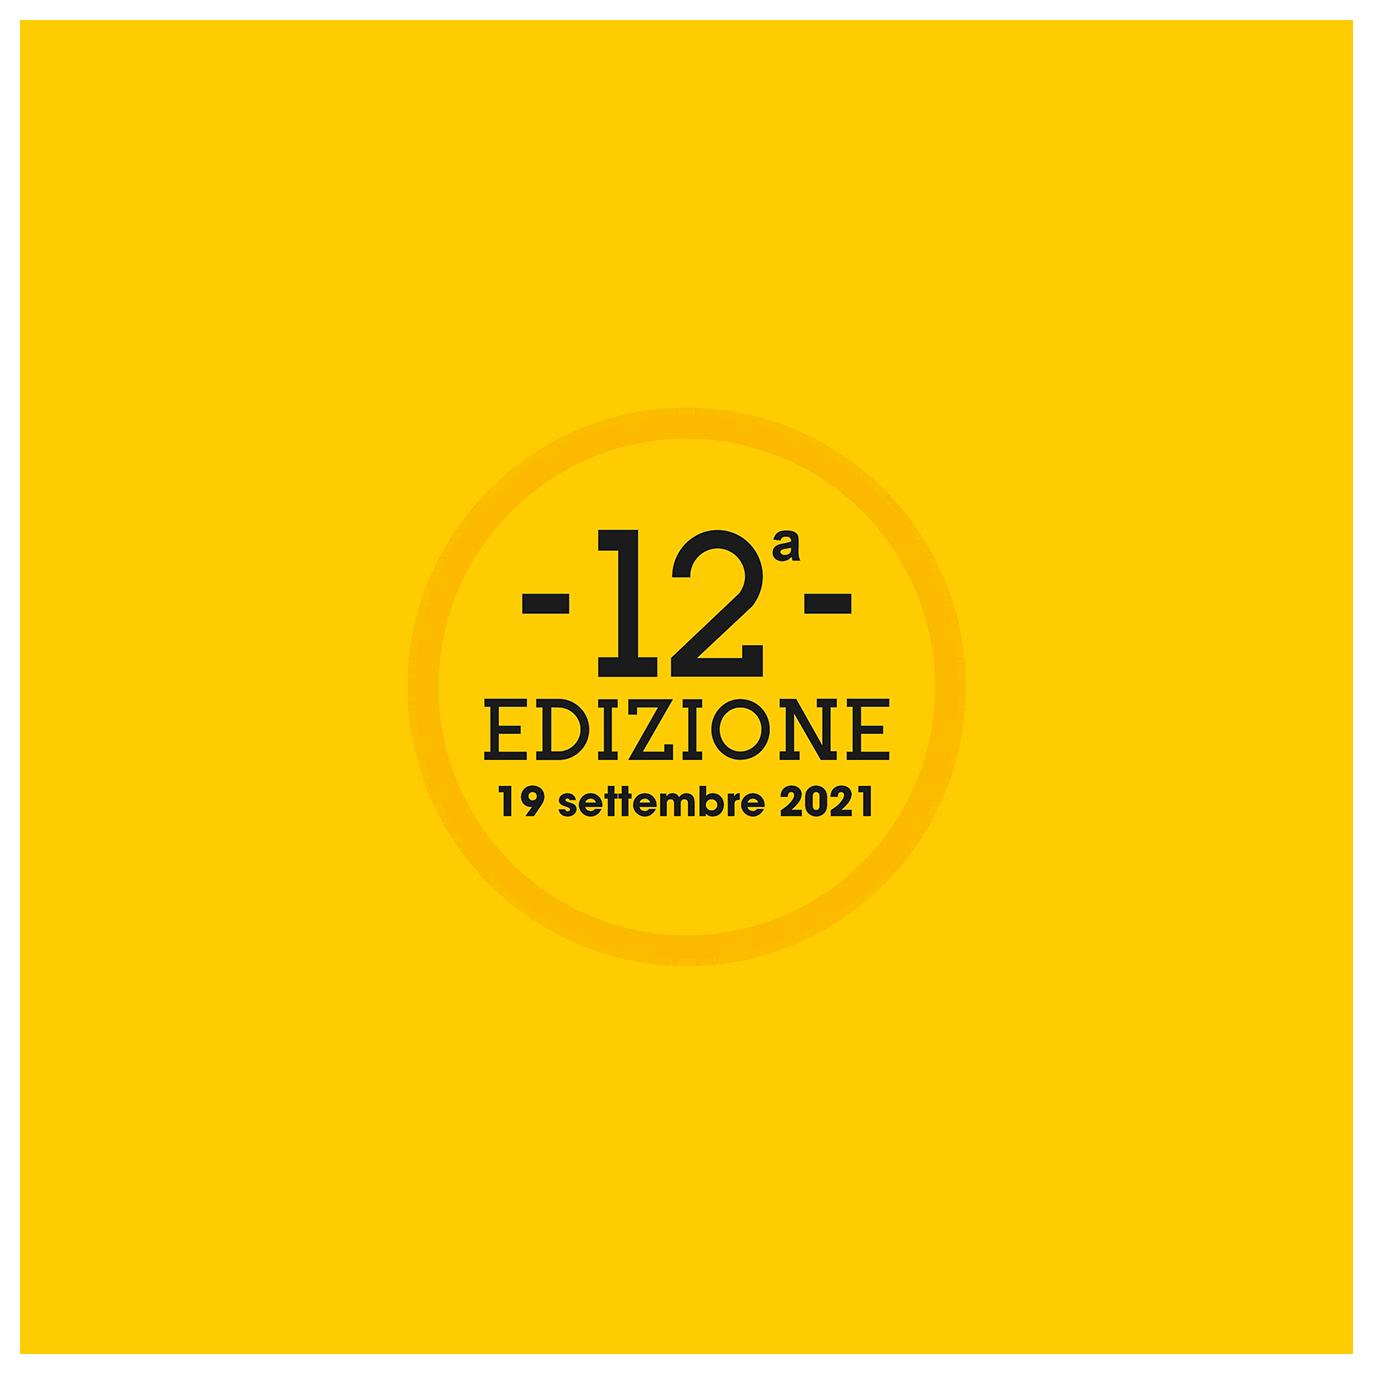 12° Edizione - 19 Settembre 2021